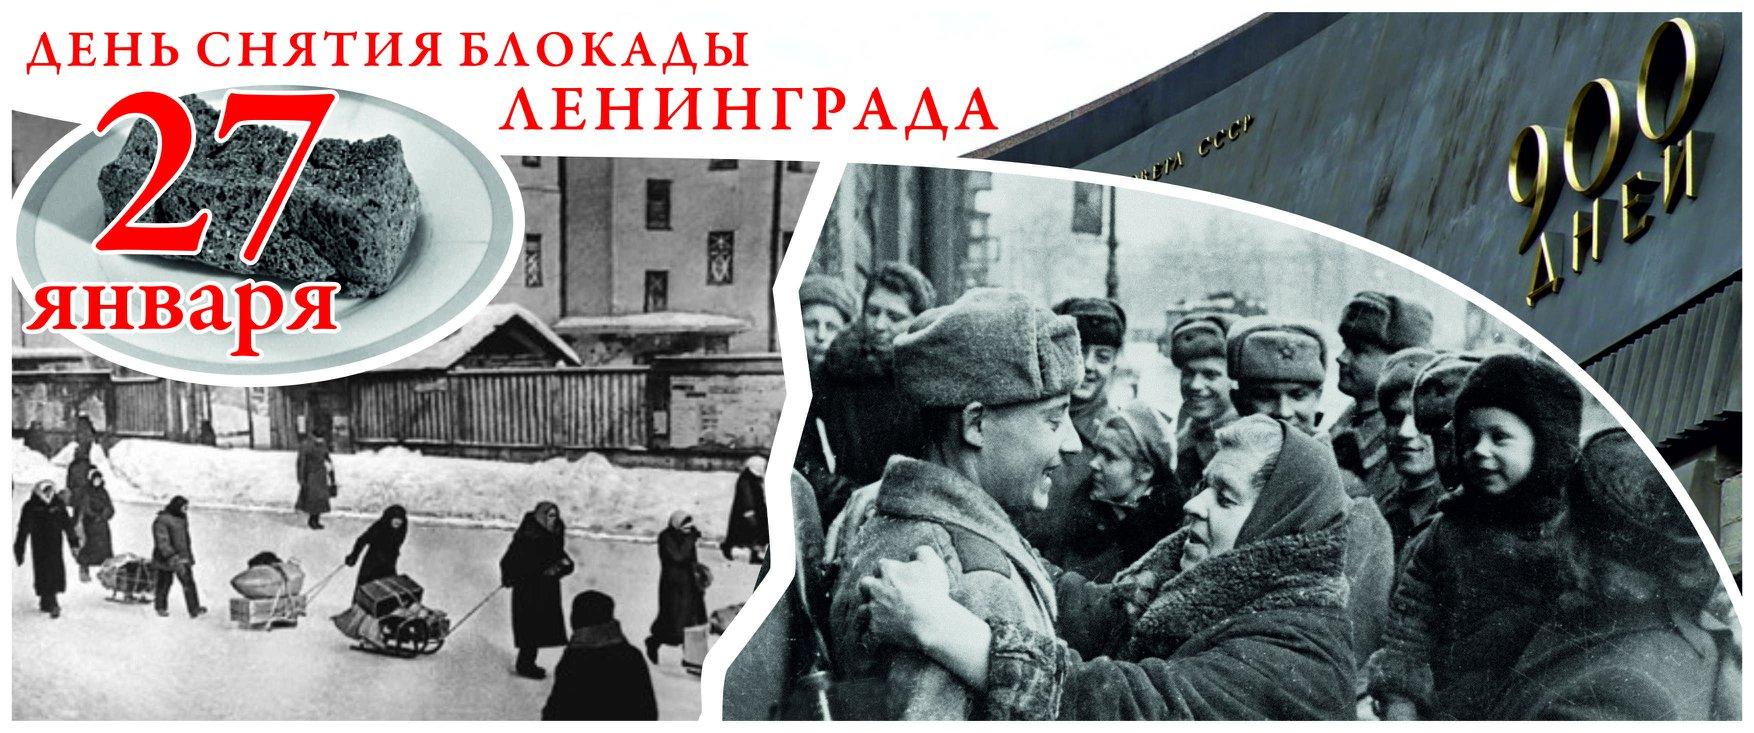 """Вечер памяти """"900 дней веры, отваги, мужества"""", посвященный 75 годовщине Дню снятия блокады Ленинграда в рамках Года памяти и славы"""